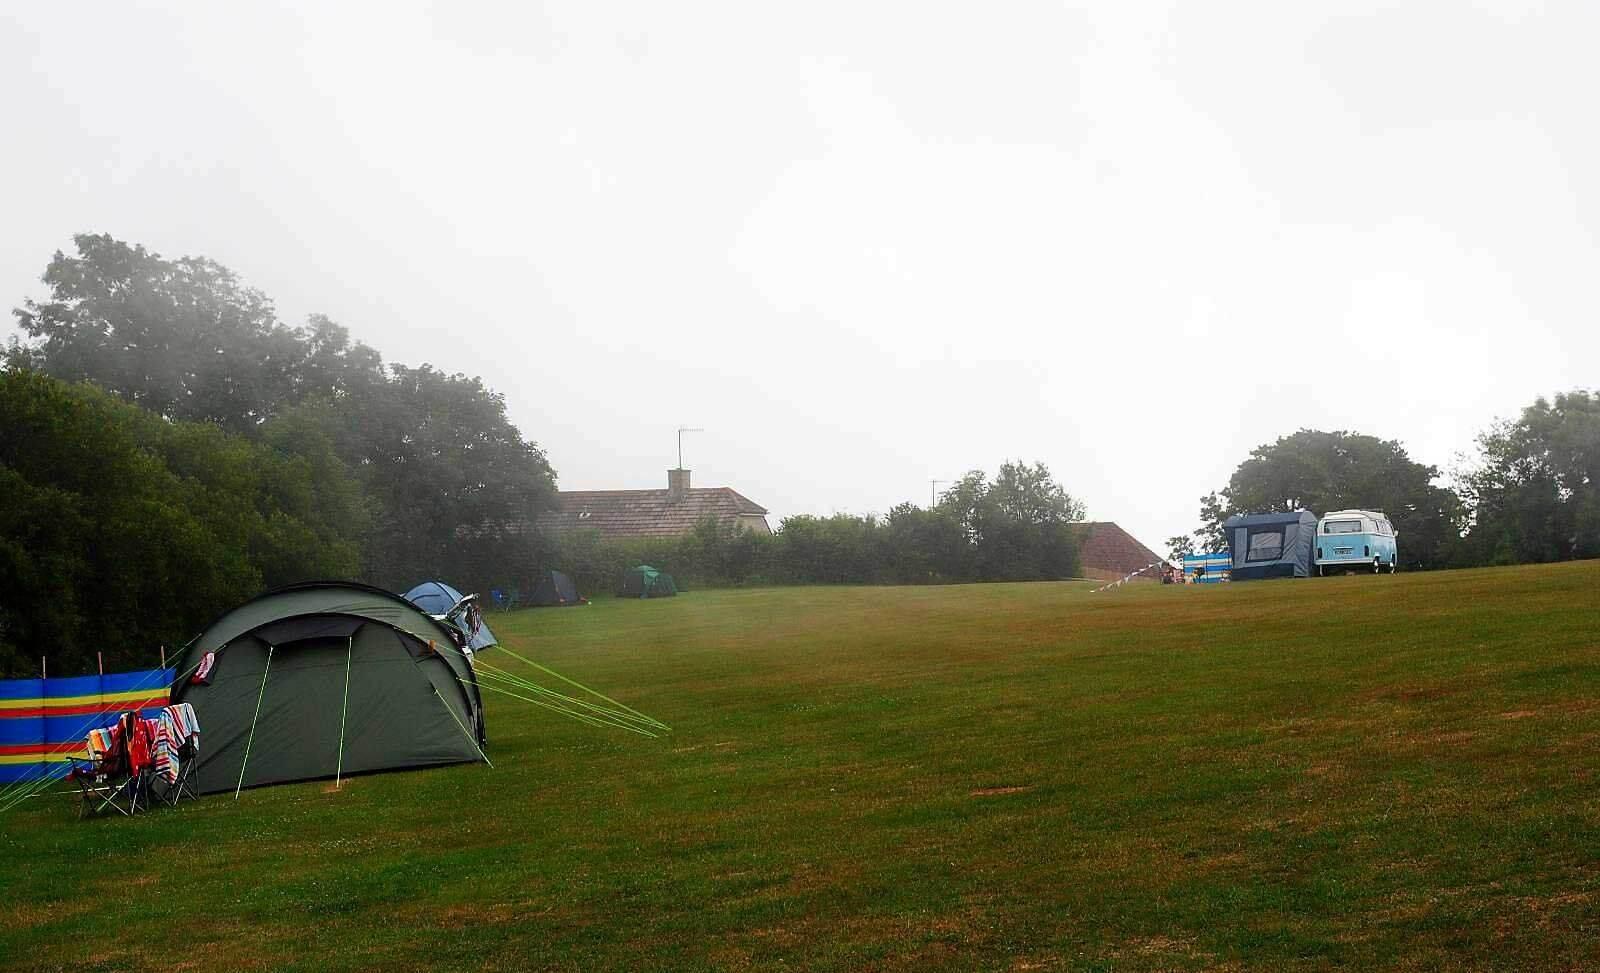 Rosewall Camping Riding & Lakes